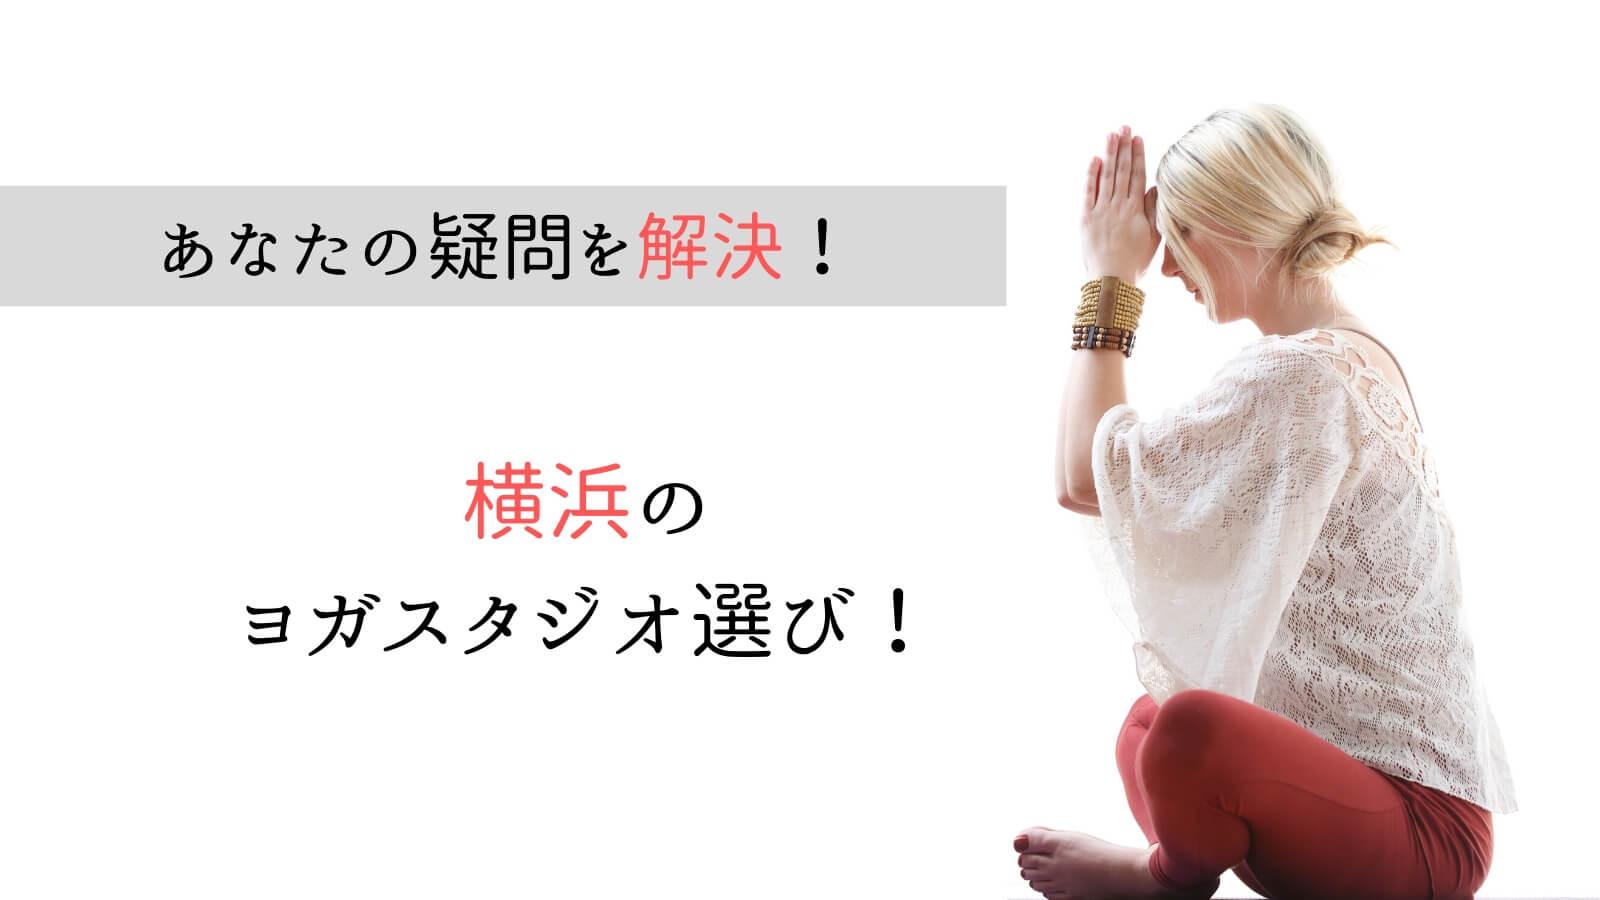 横浜でのヨガスタジオ選びに関するQ&A